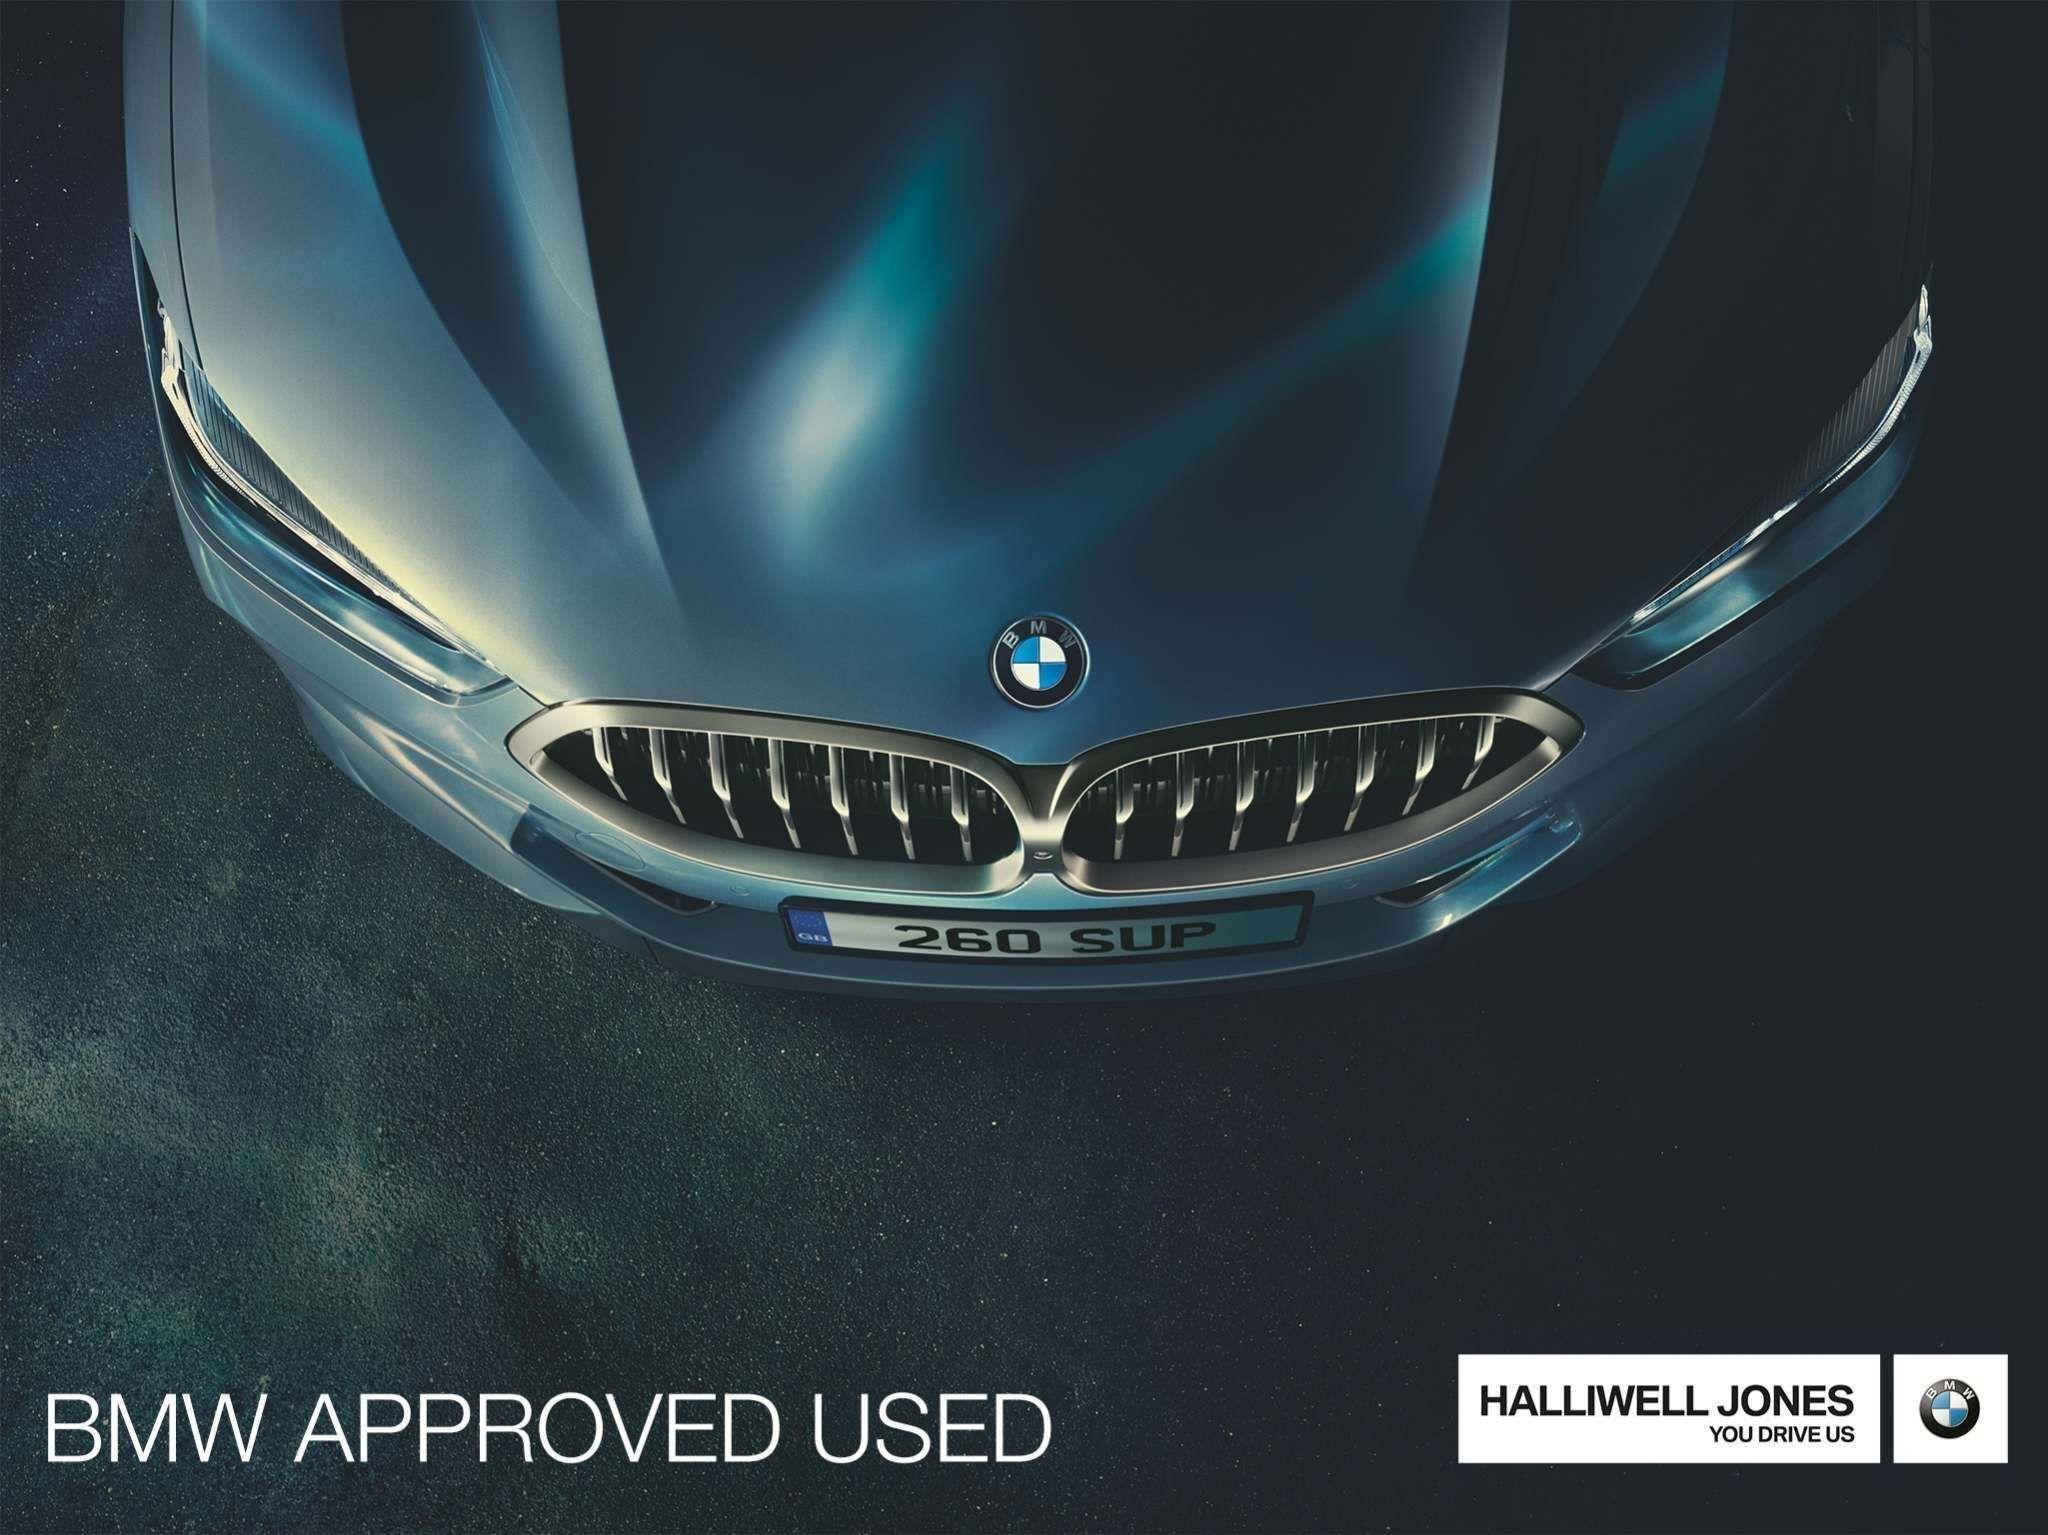 Image 1 - BMW sDrive20d Efficient Dynamics (DG13LYC)